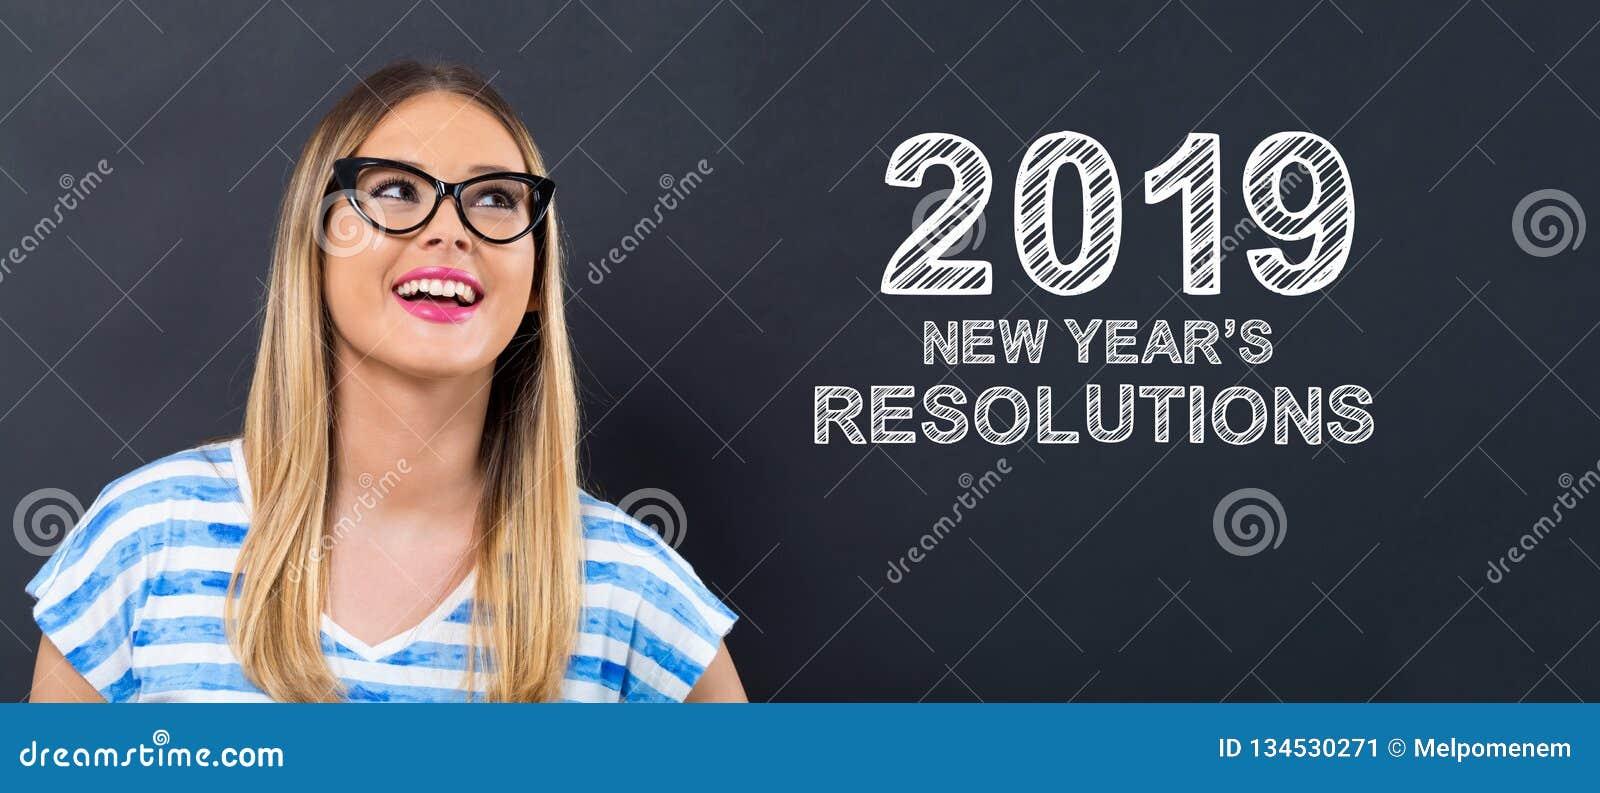 2019 nouvelles années de résolutions avec la jeune femme heureuse